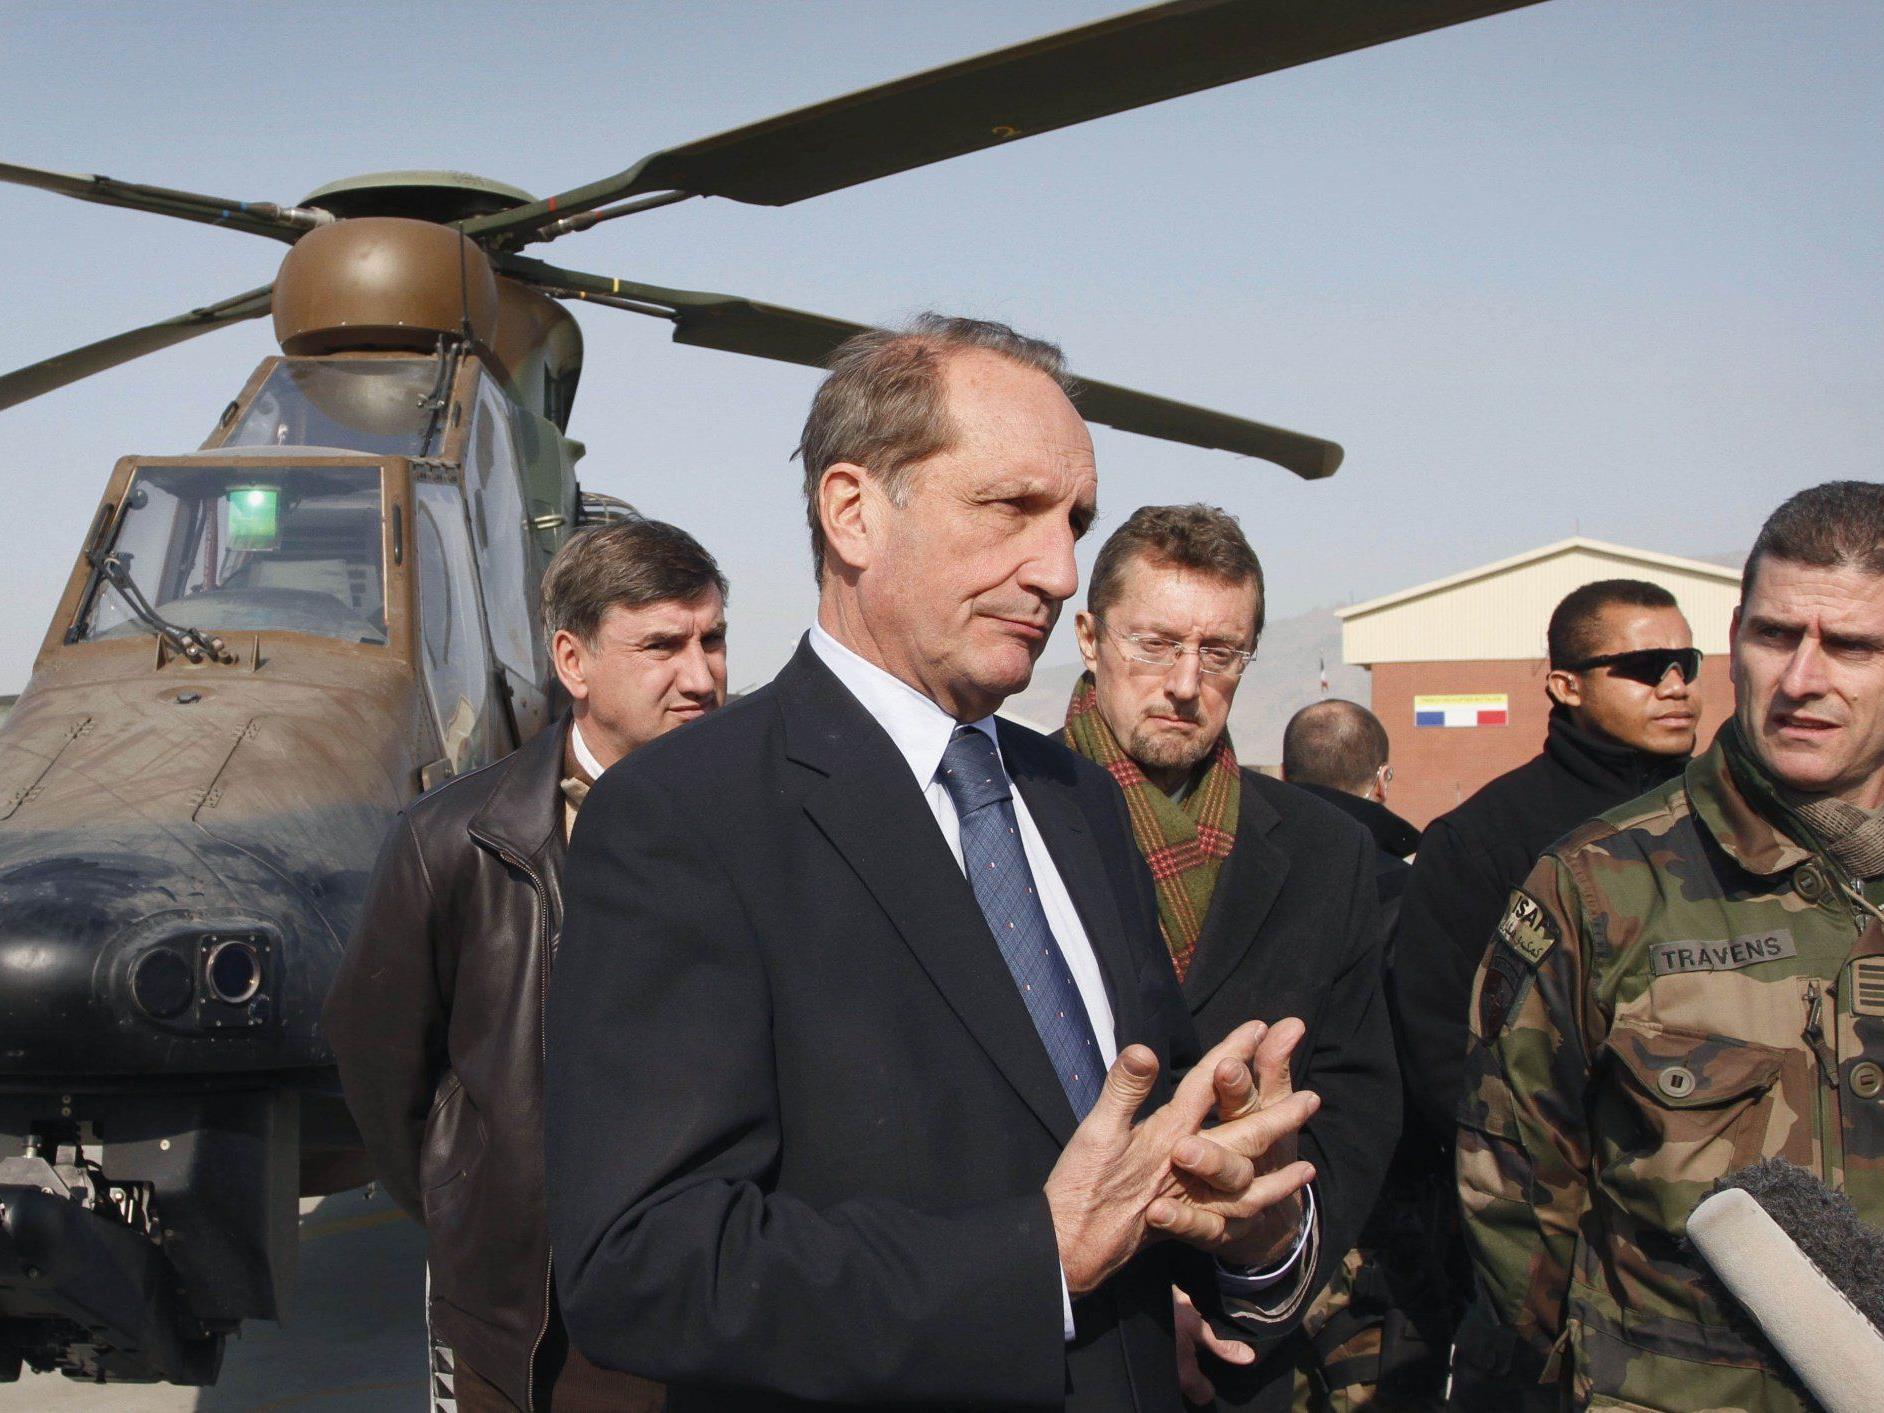 Nach dem Tod von vier französischen Soldaten könnte sich Frankreich aus Afghanistan zurückziehen.